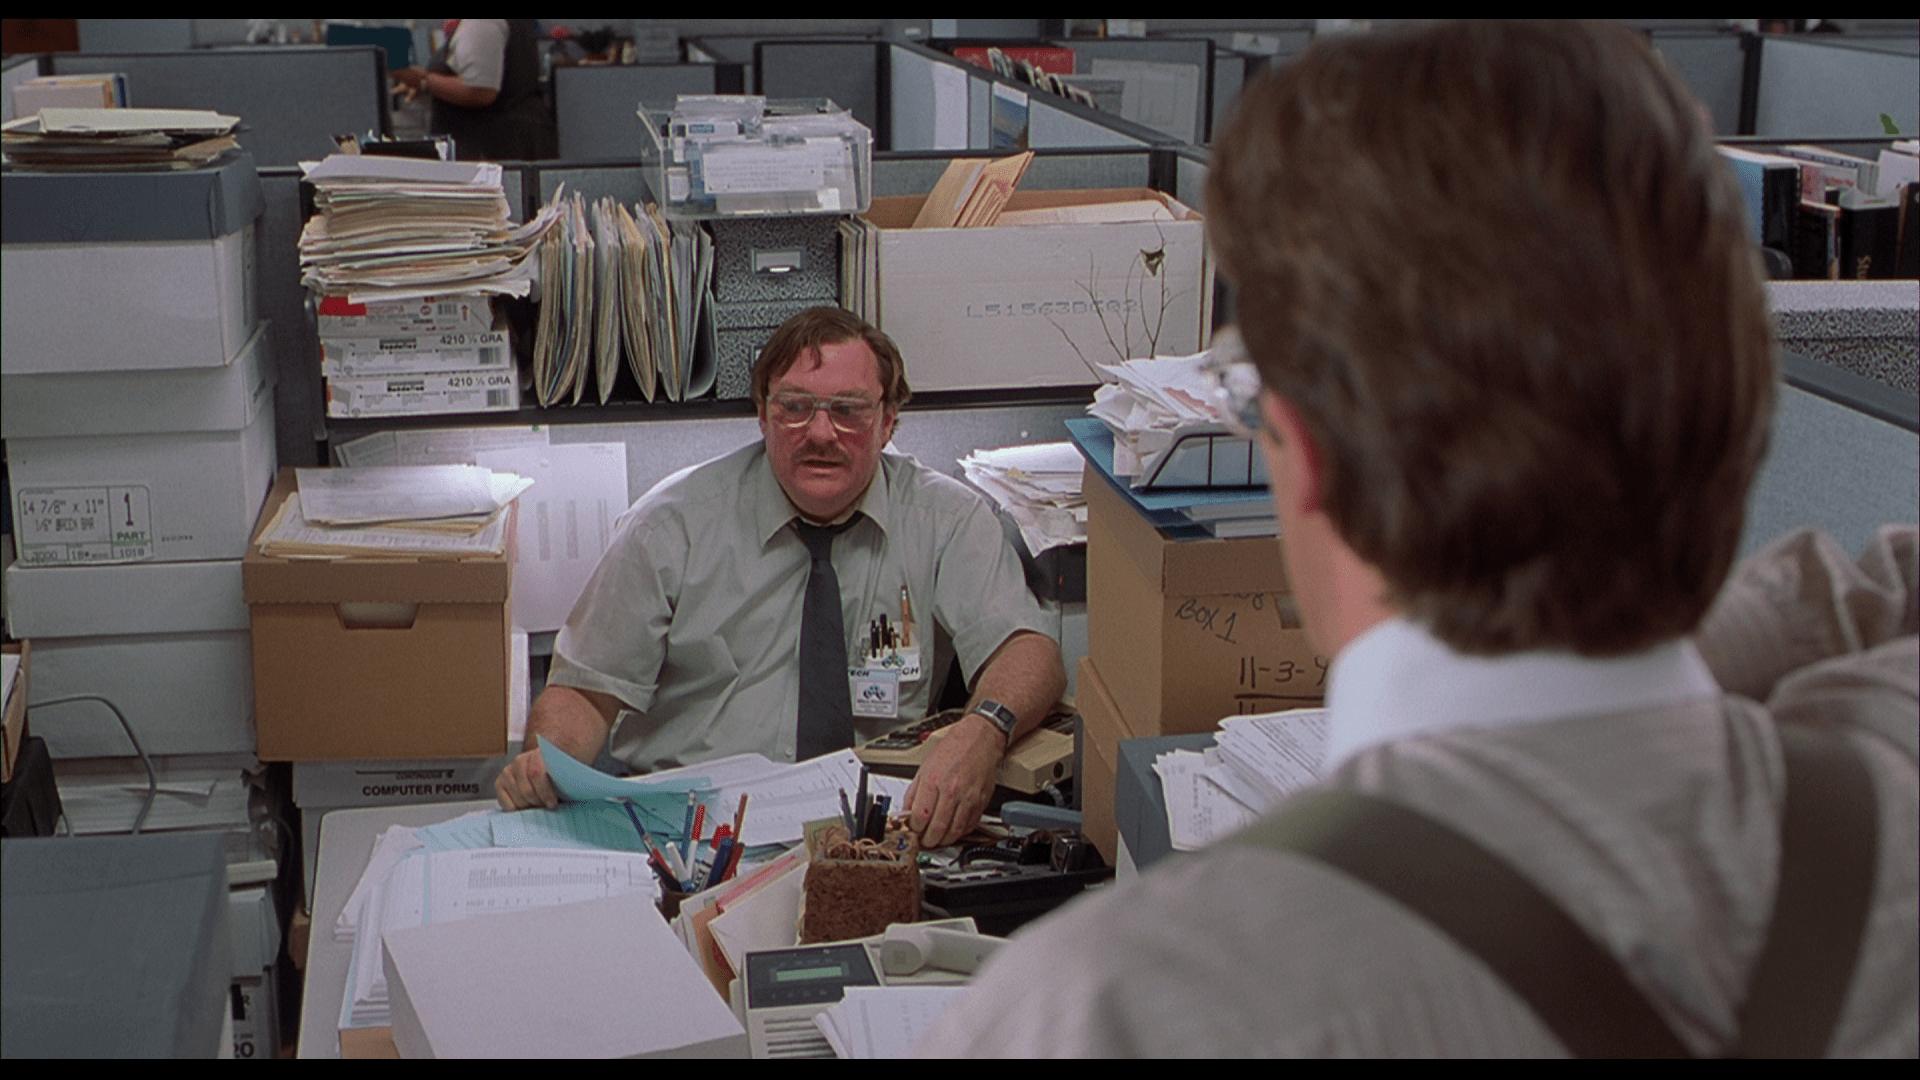 cubicle etiquette best practivces